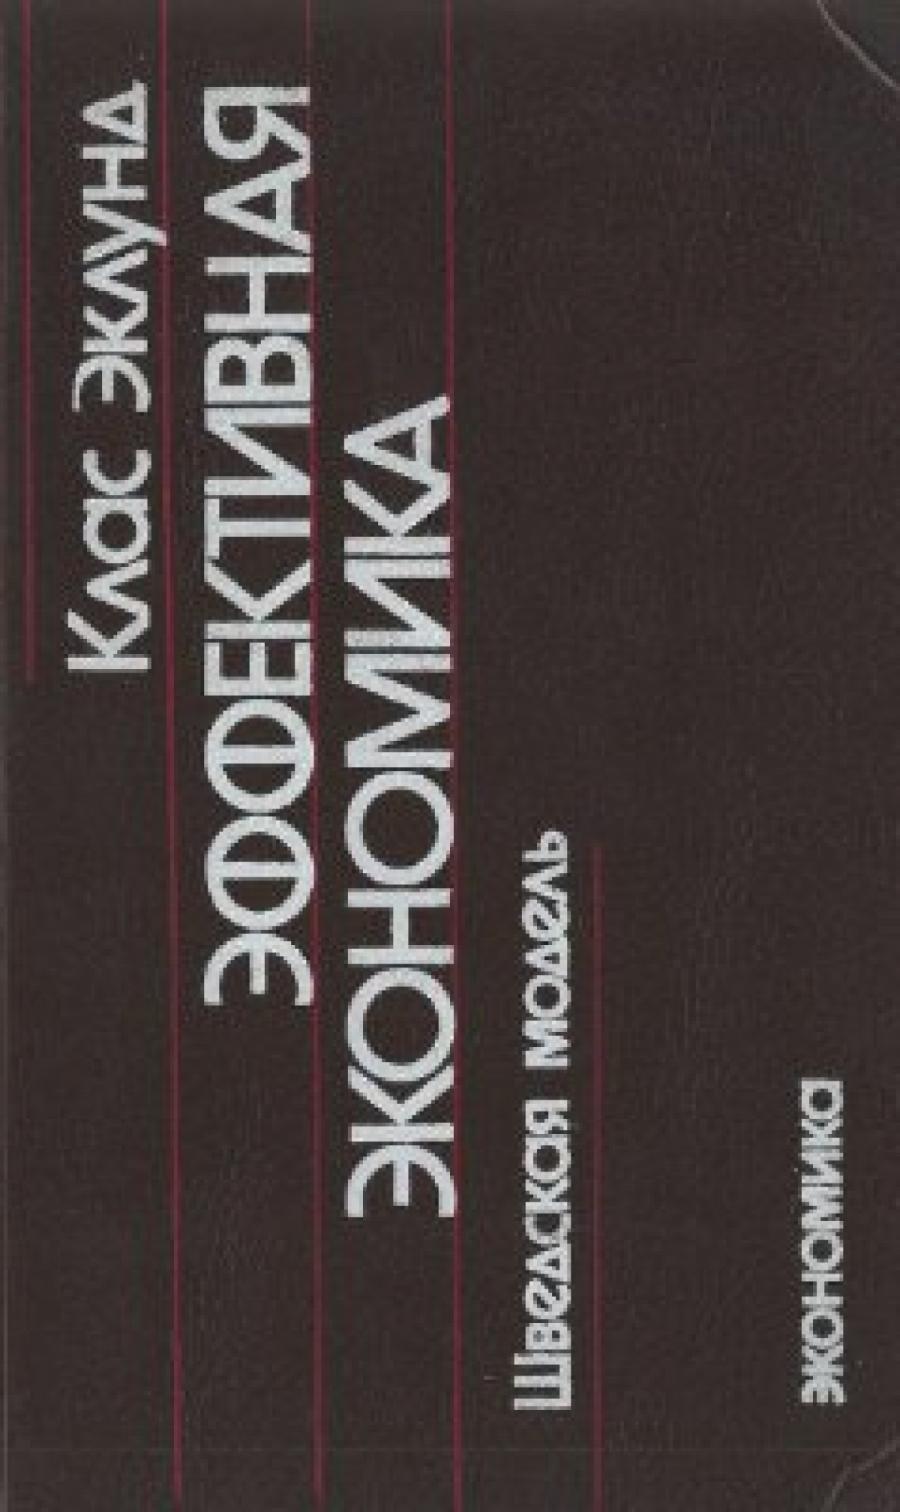 Обложка книги:  эклунд к. - эффективная экономика - шведская модель